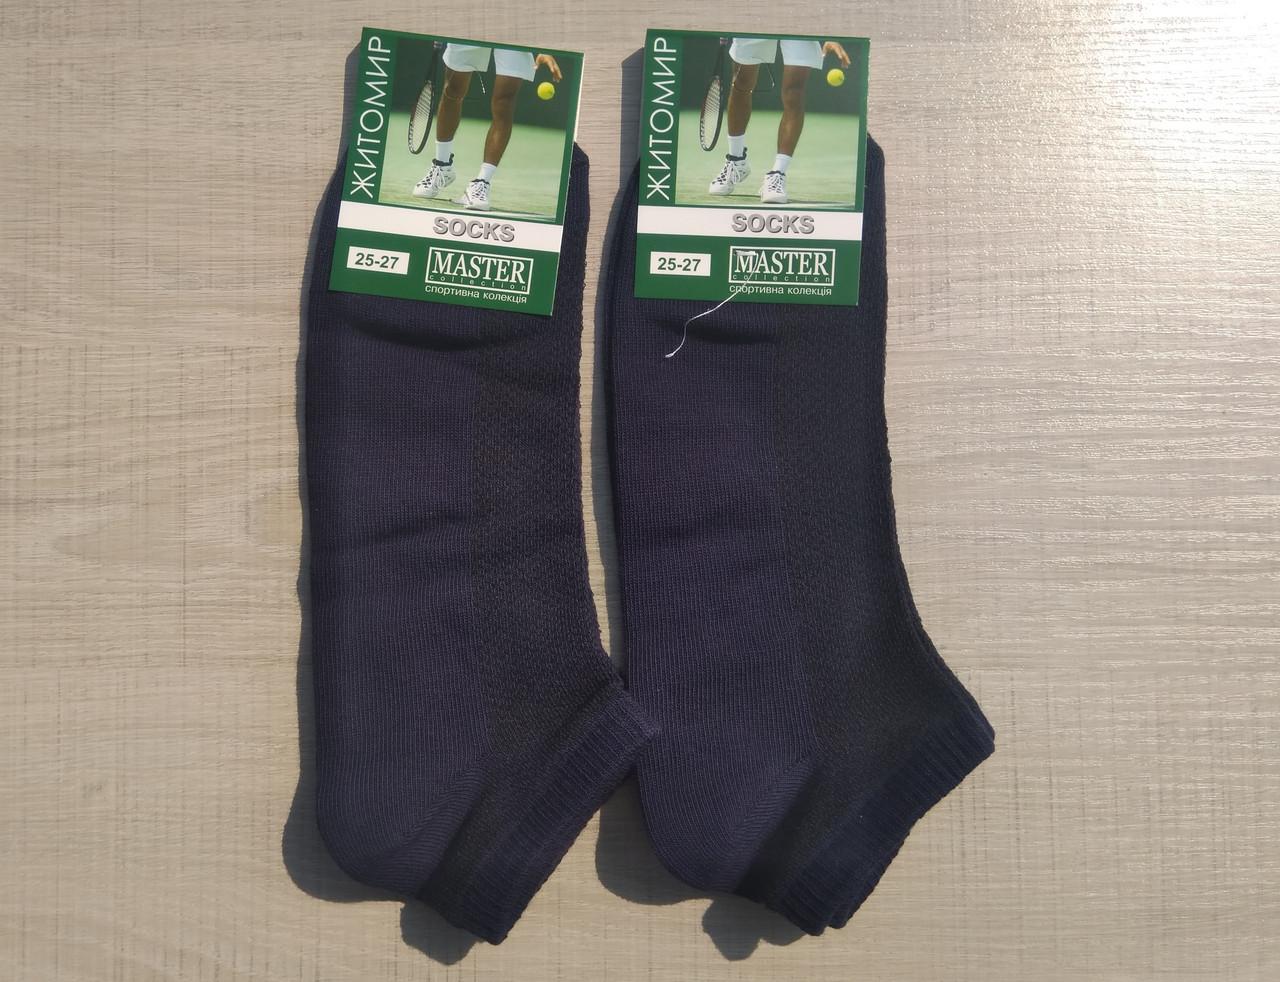 Мужские носки Master низкие хлопок 25-27 спортивная коллекция темно-синие